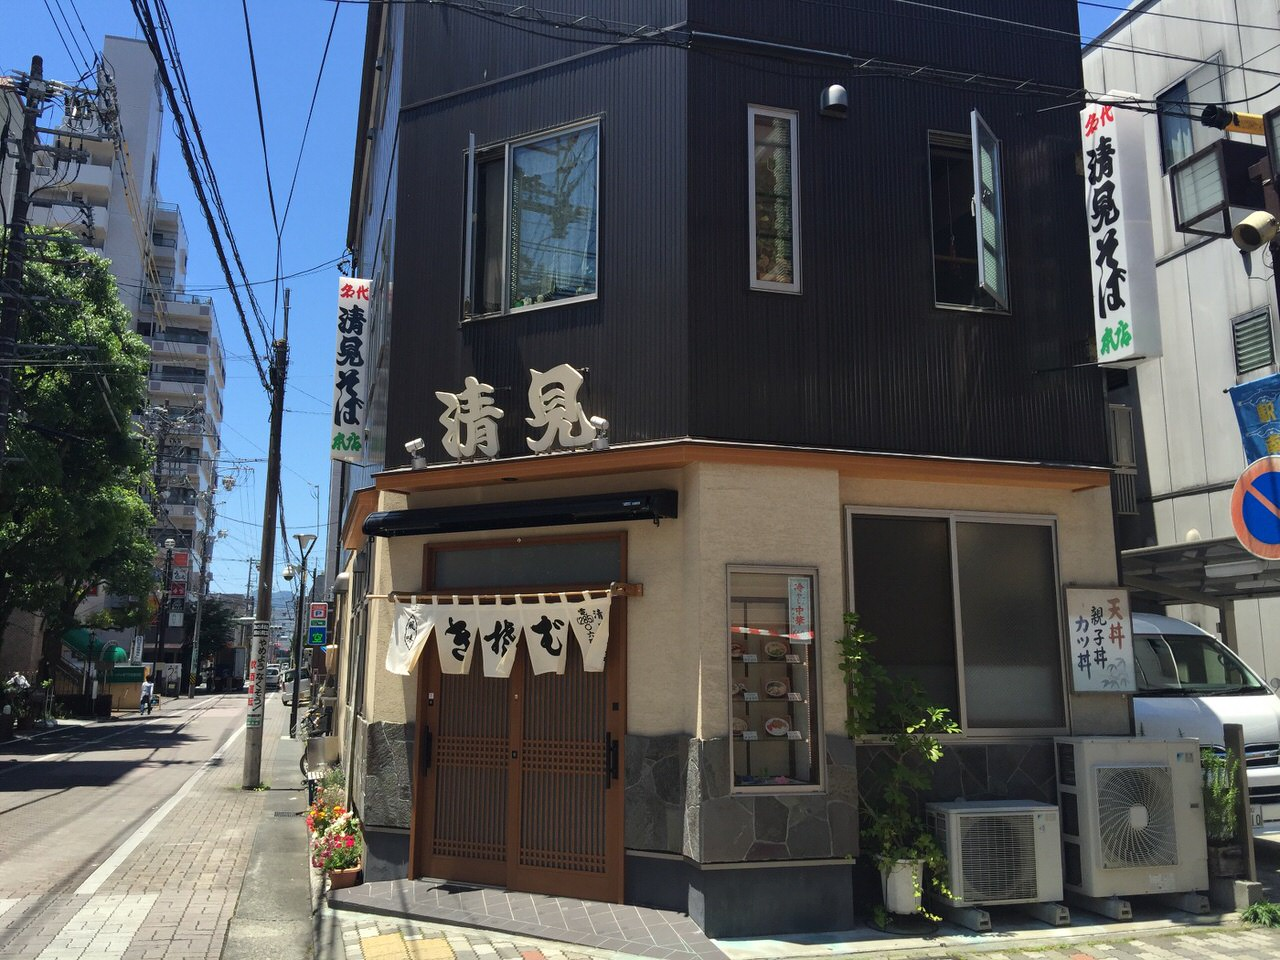 「清見そば本店」ラーメンが美味いと評判の蕎麦屋で懐かしい味わいのラーメンと出汁の利いたカレーを食べた(静岡)